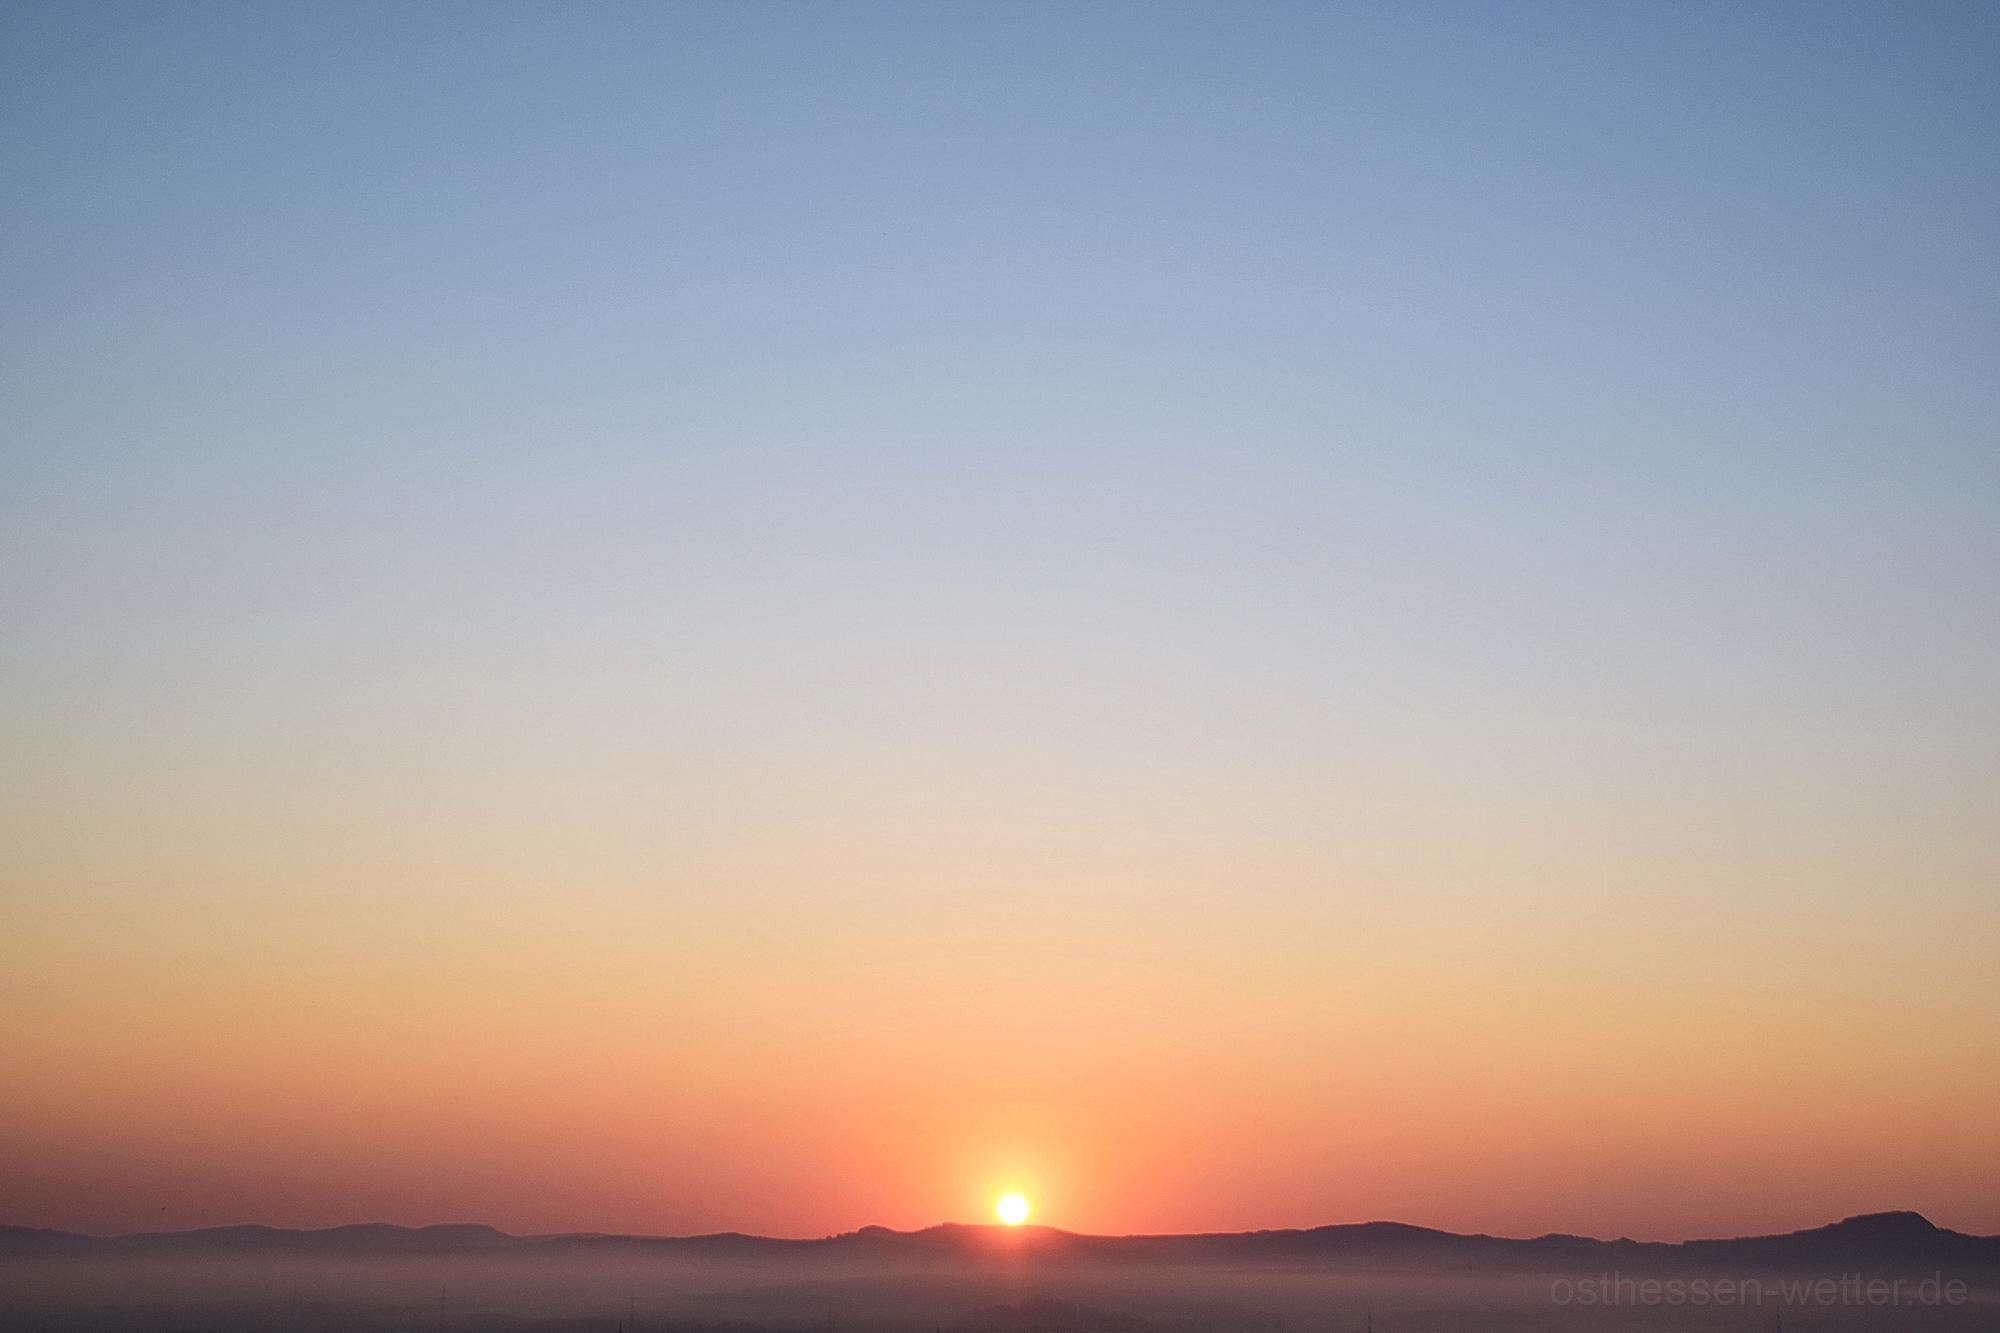 Sonnenaufgang am 08.04.2020 um 06:53:18 CEST